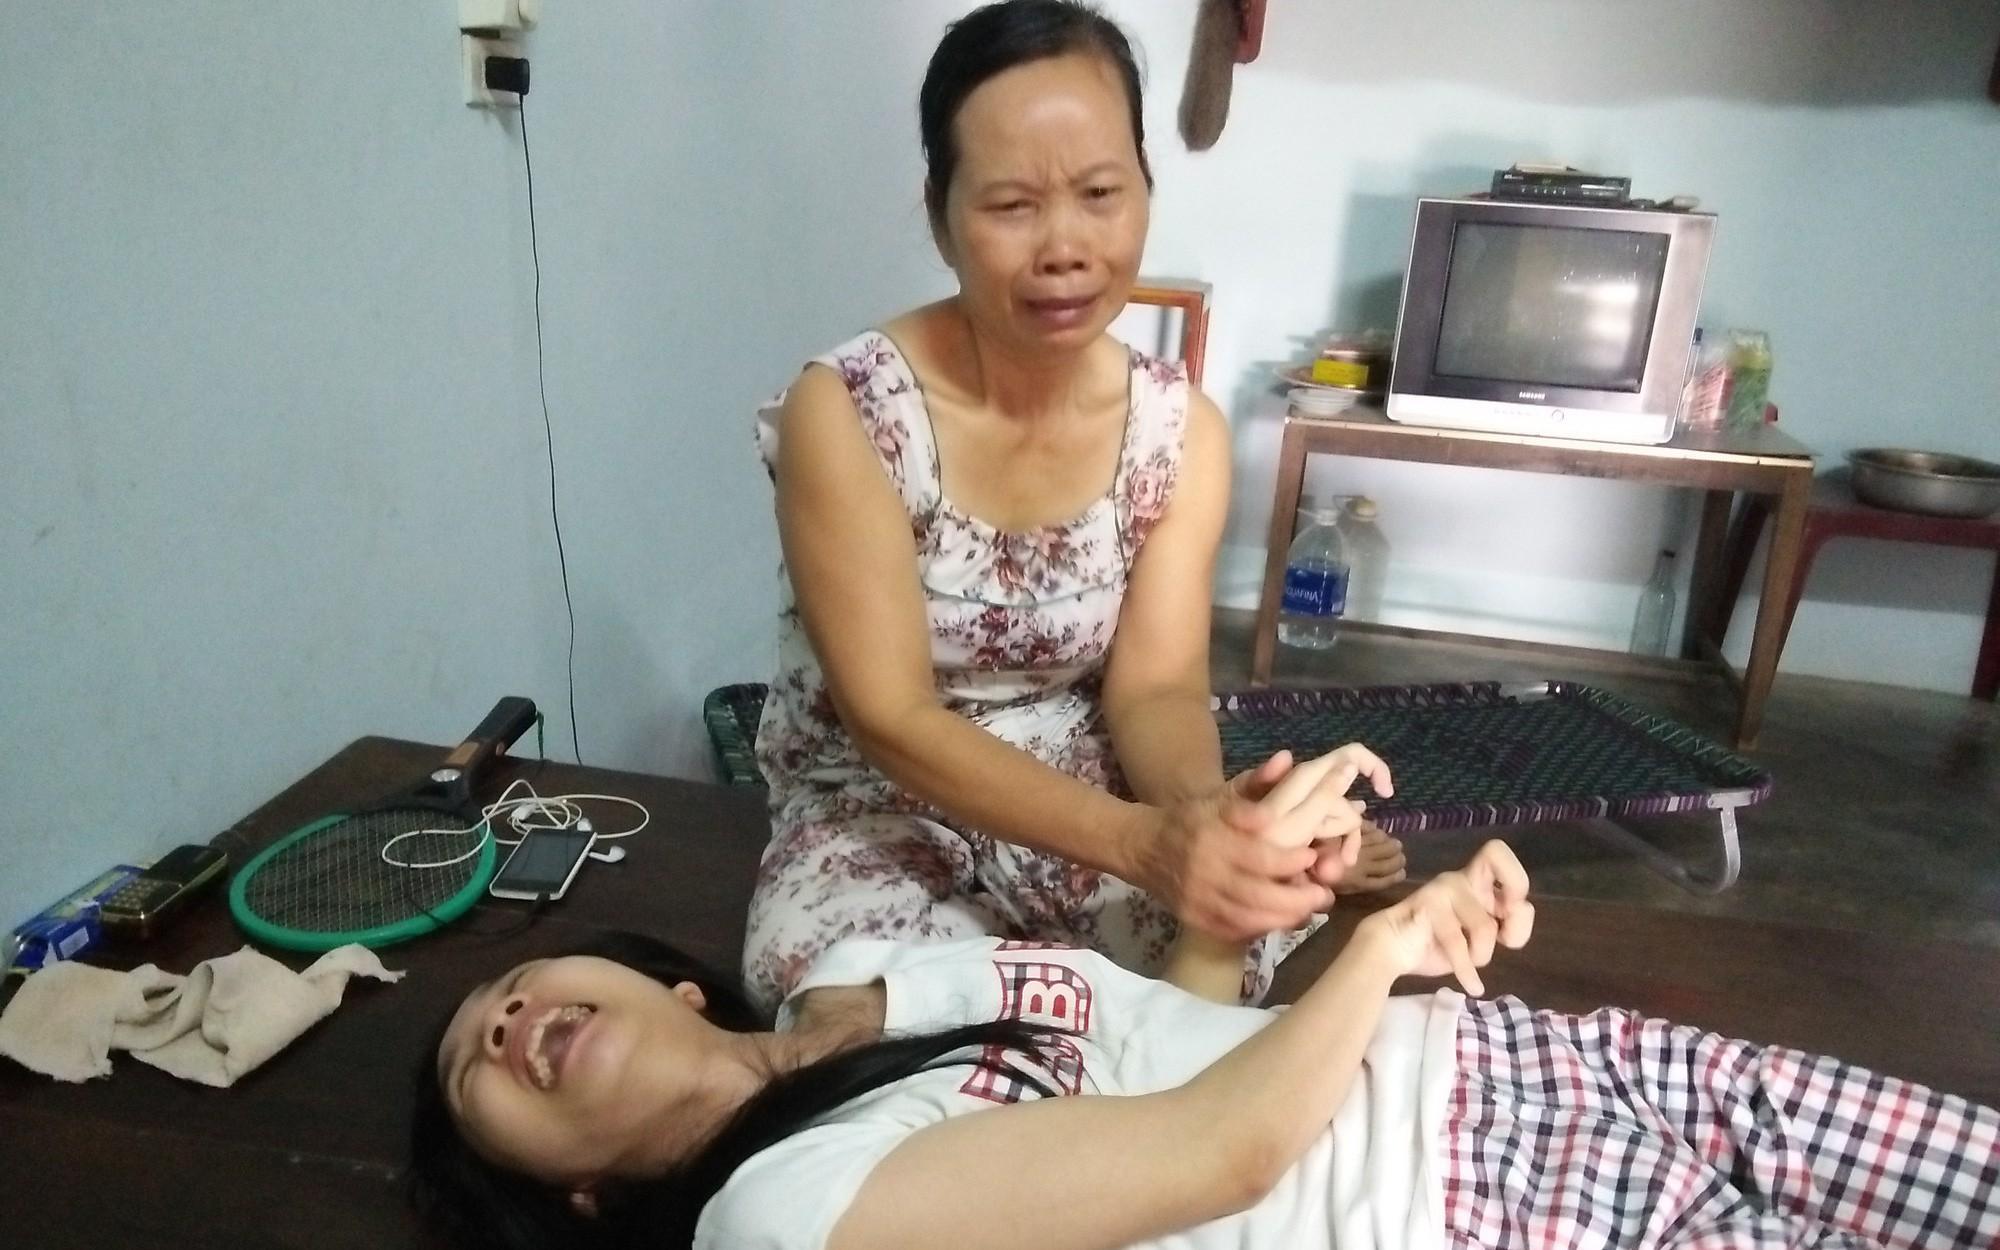 Nghệ An: Lời cầu cứu ú ớ của cô gái tật nguyền, có cha bị tai nạn giao thông phải sống thực vật